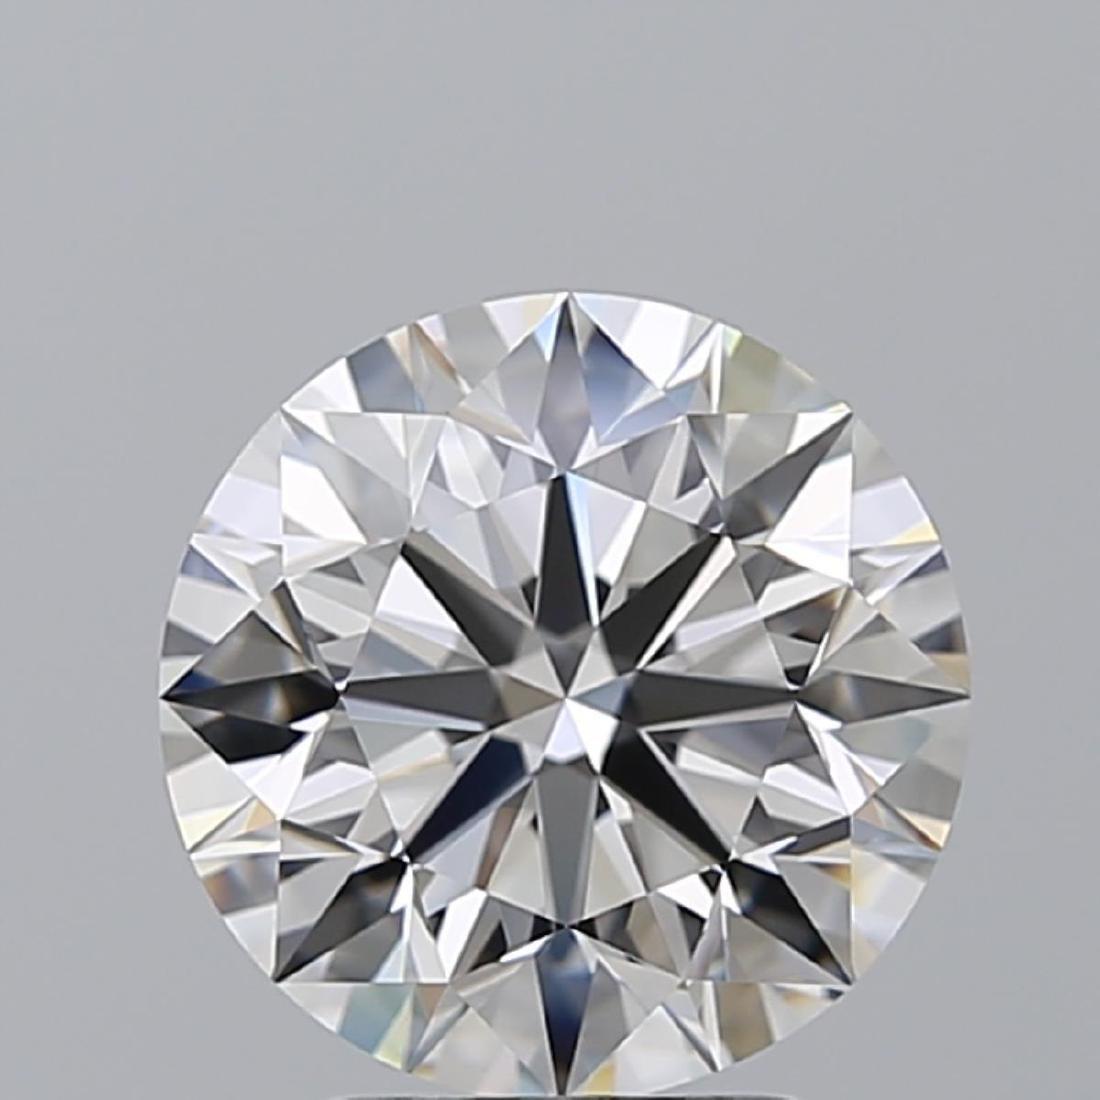 3.02 ct, Color G/VVS1, Round cut Diamond - 2